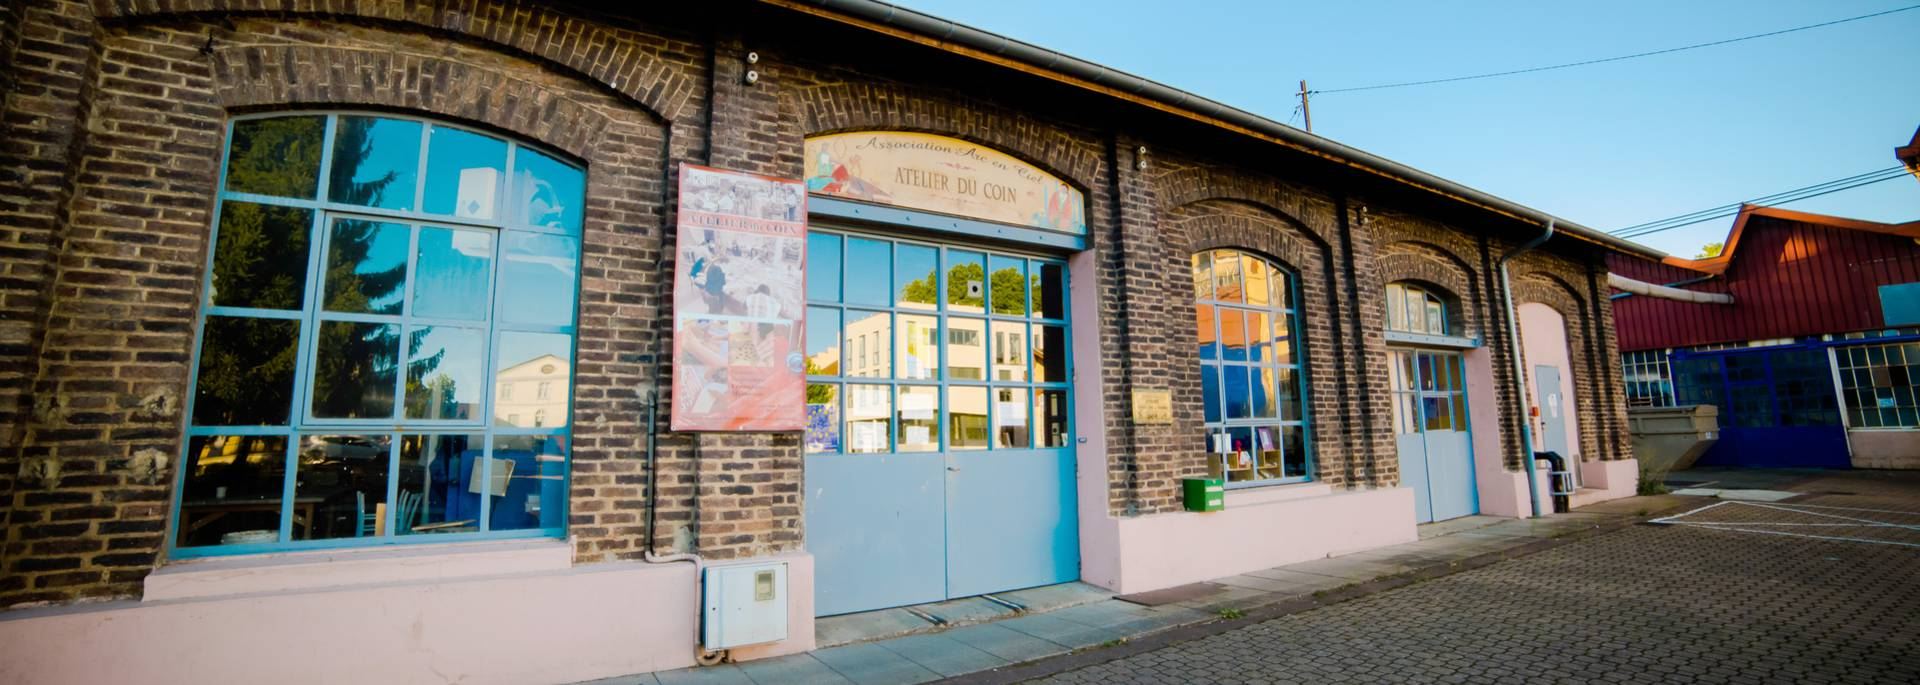 Les ateliers réhabilités accueillent de nouvelles activités. © Franck Juillot.